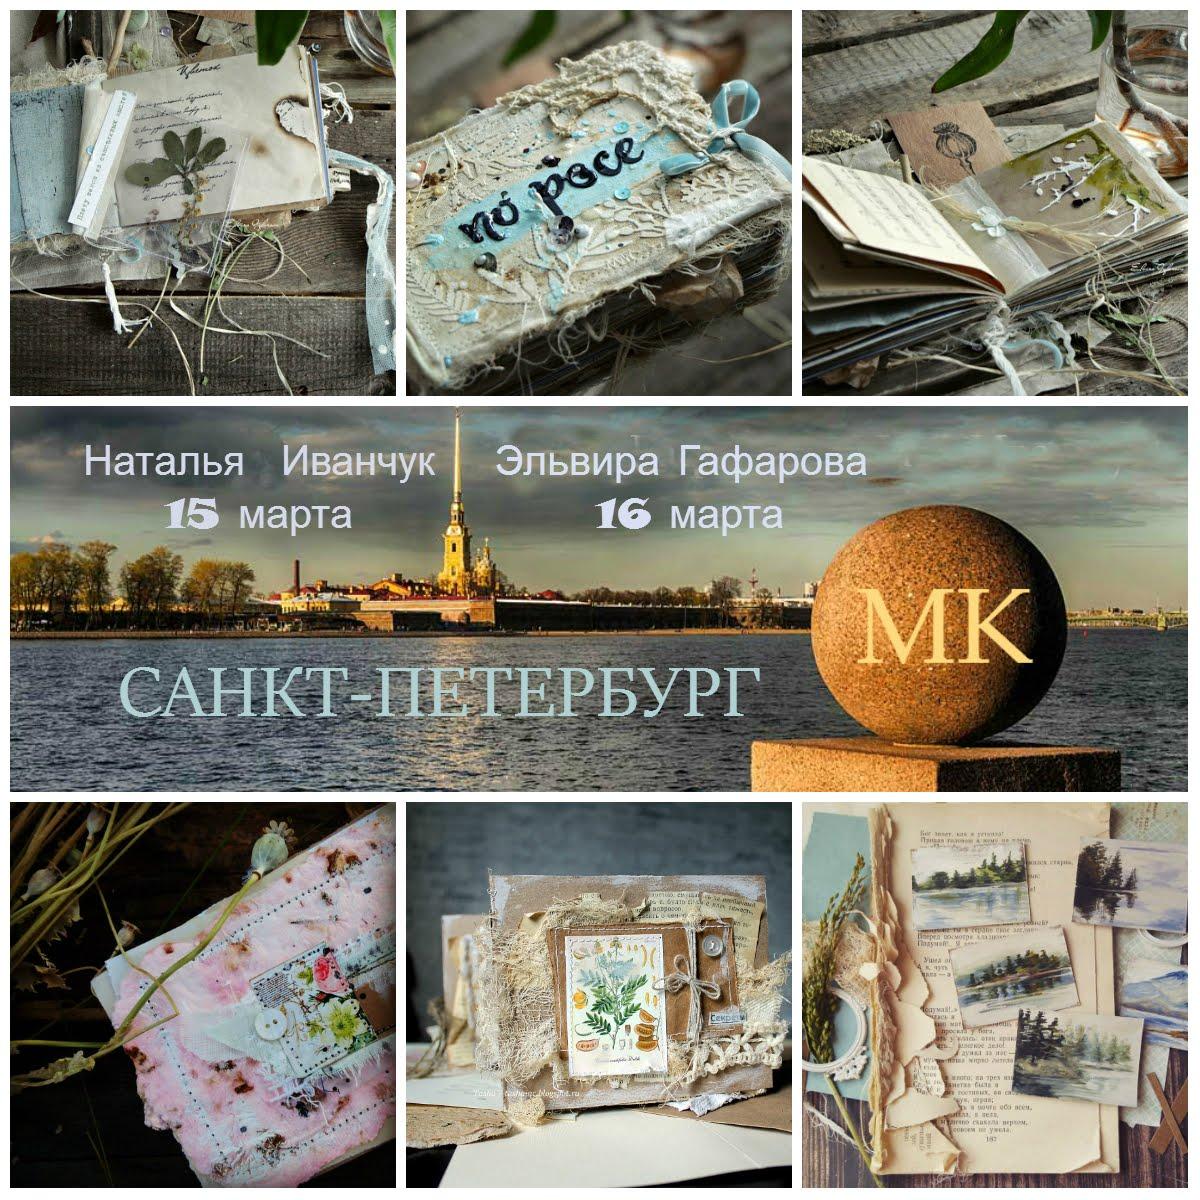 Живой МК  в Питере  15-16 марта